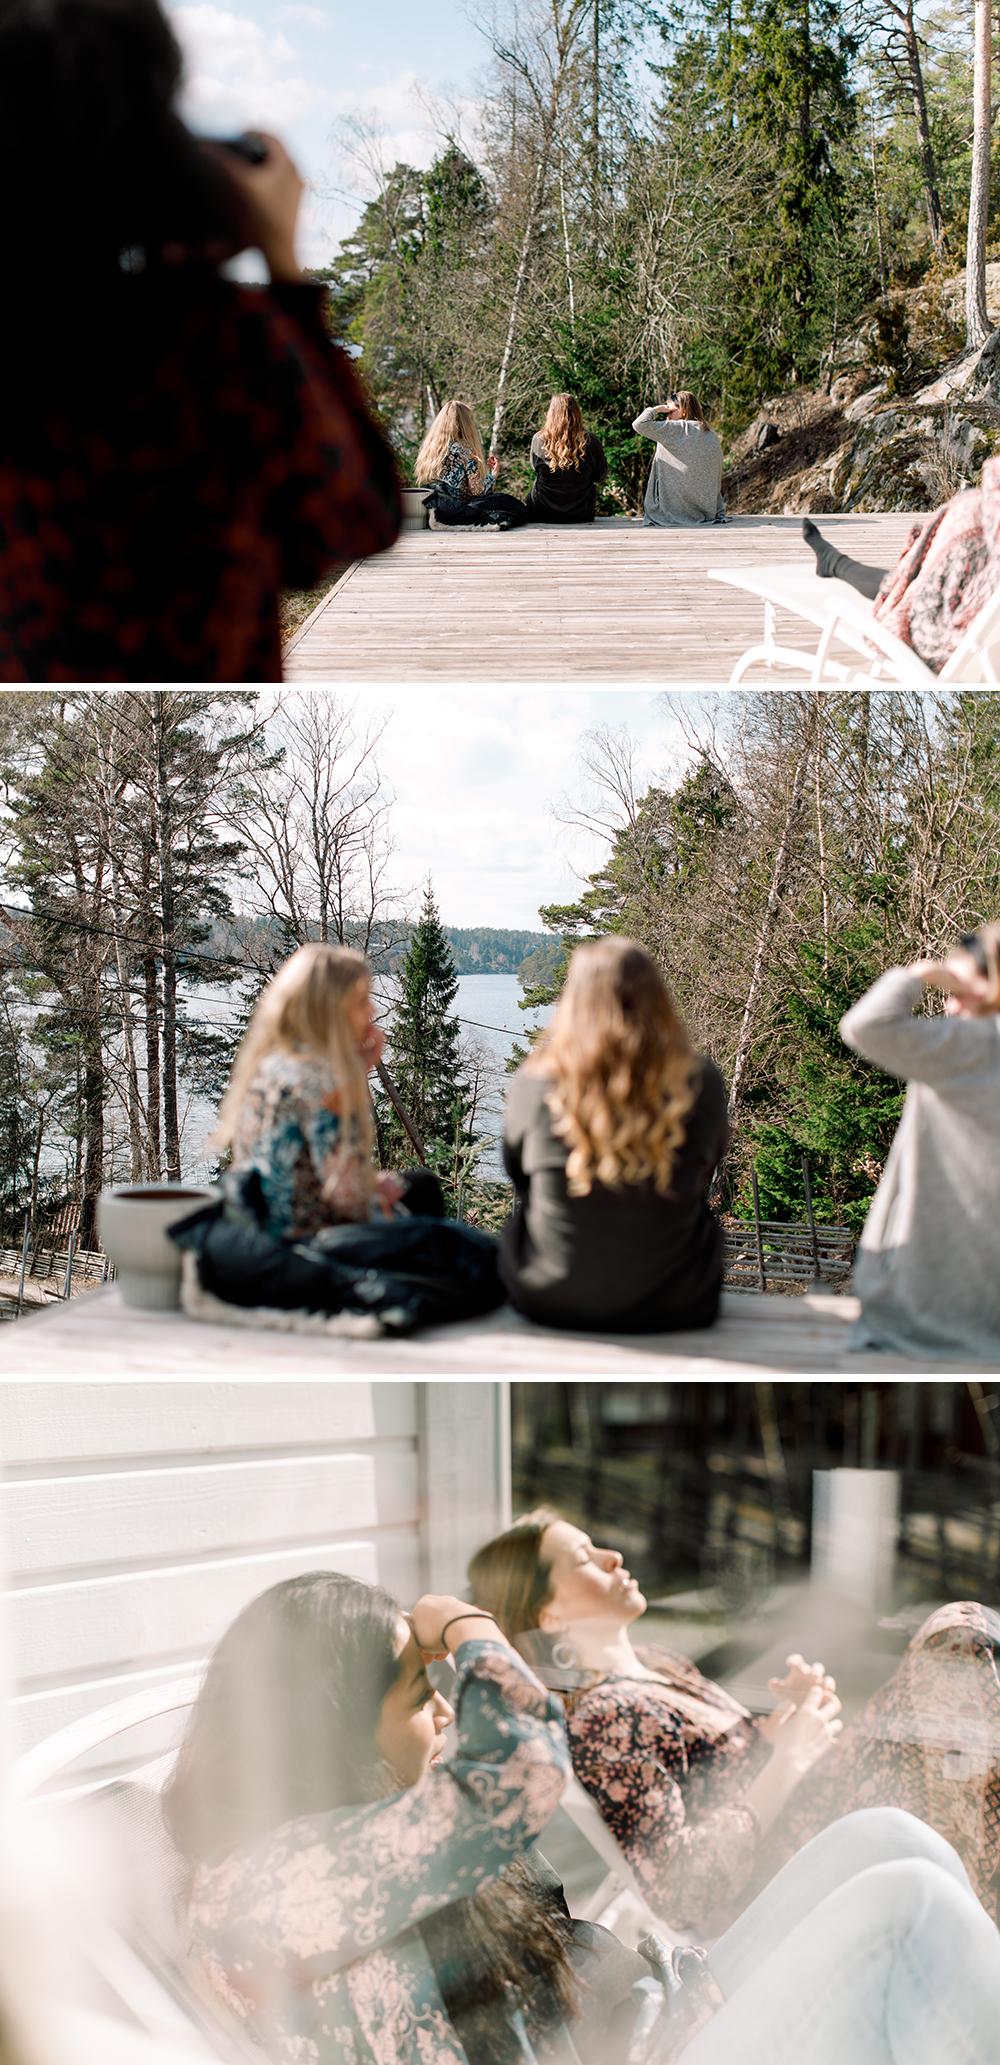 Familjefotograf_Stockholm_Anna-Sandstrom_Lifestyleworkshop_2.jpg